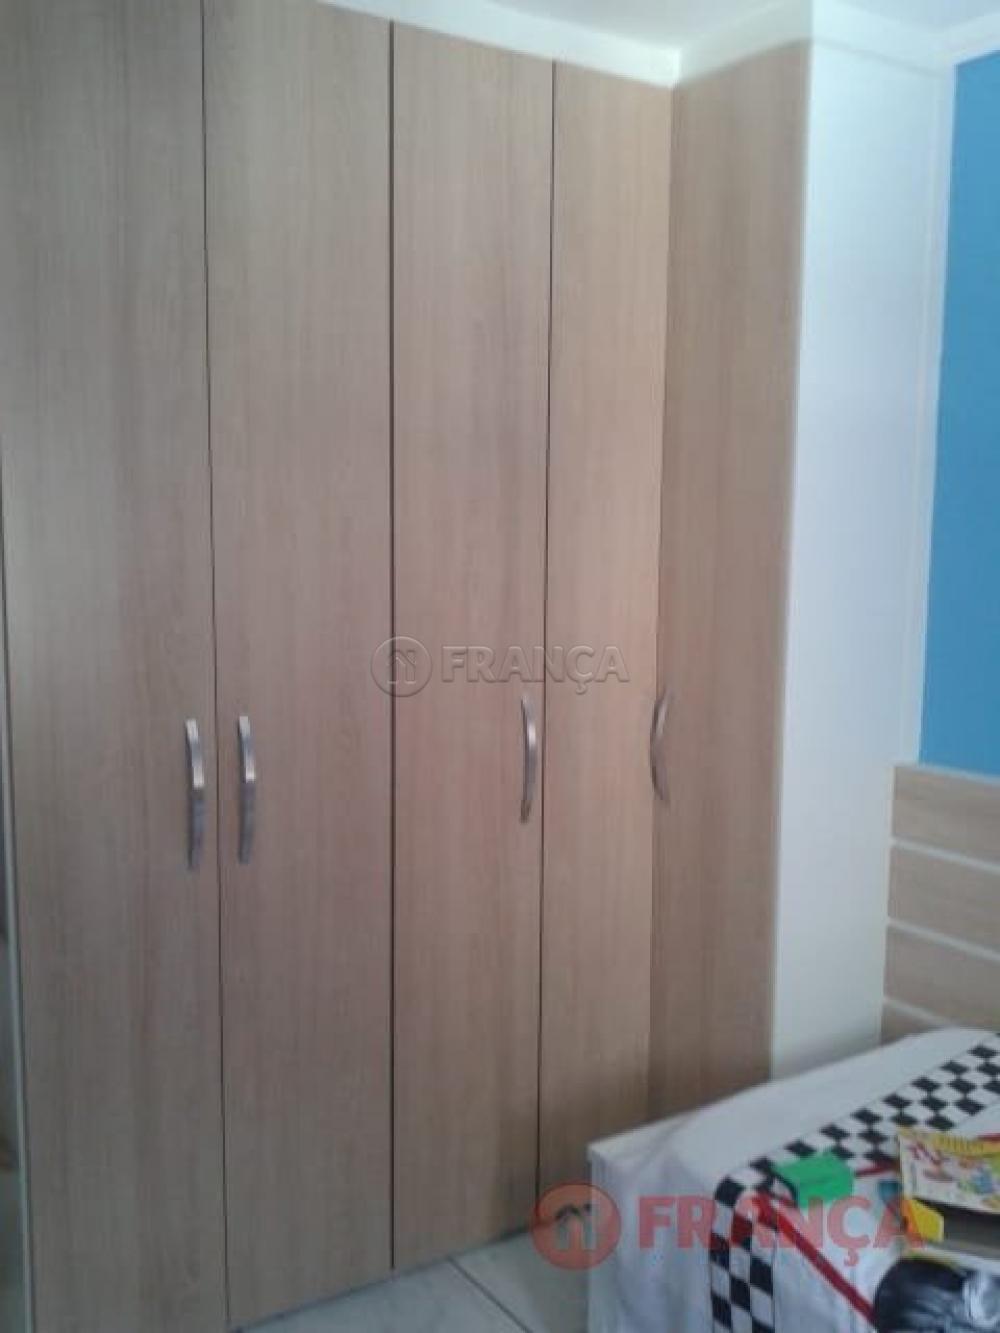 Comprar Casa / Padrão em Jacareí apenas R$ 340.000,00 - Foto 9